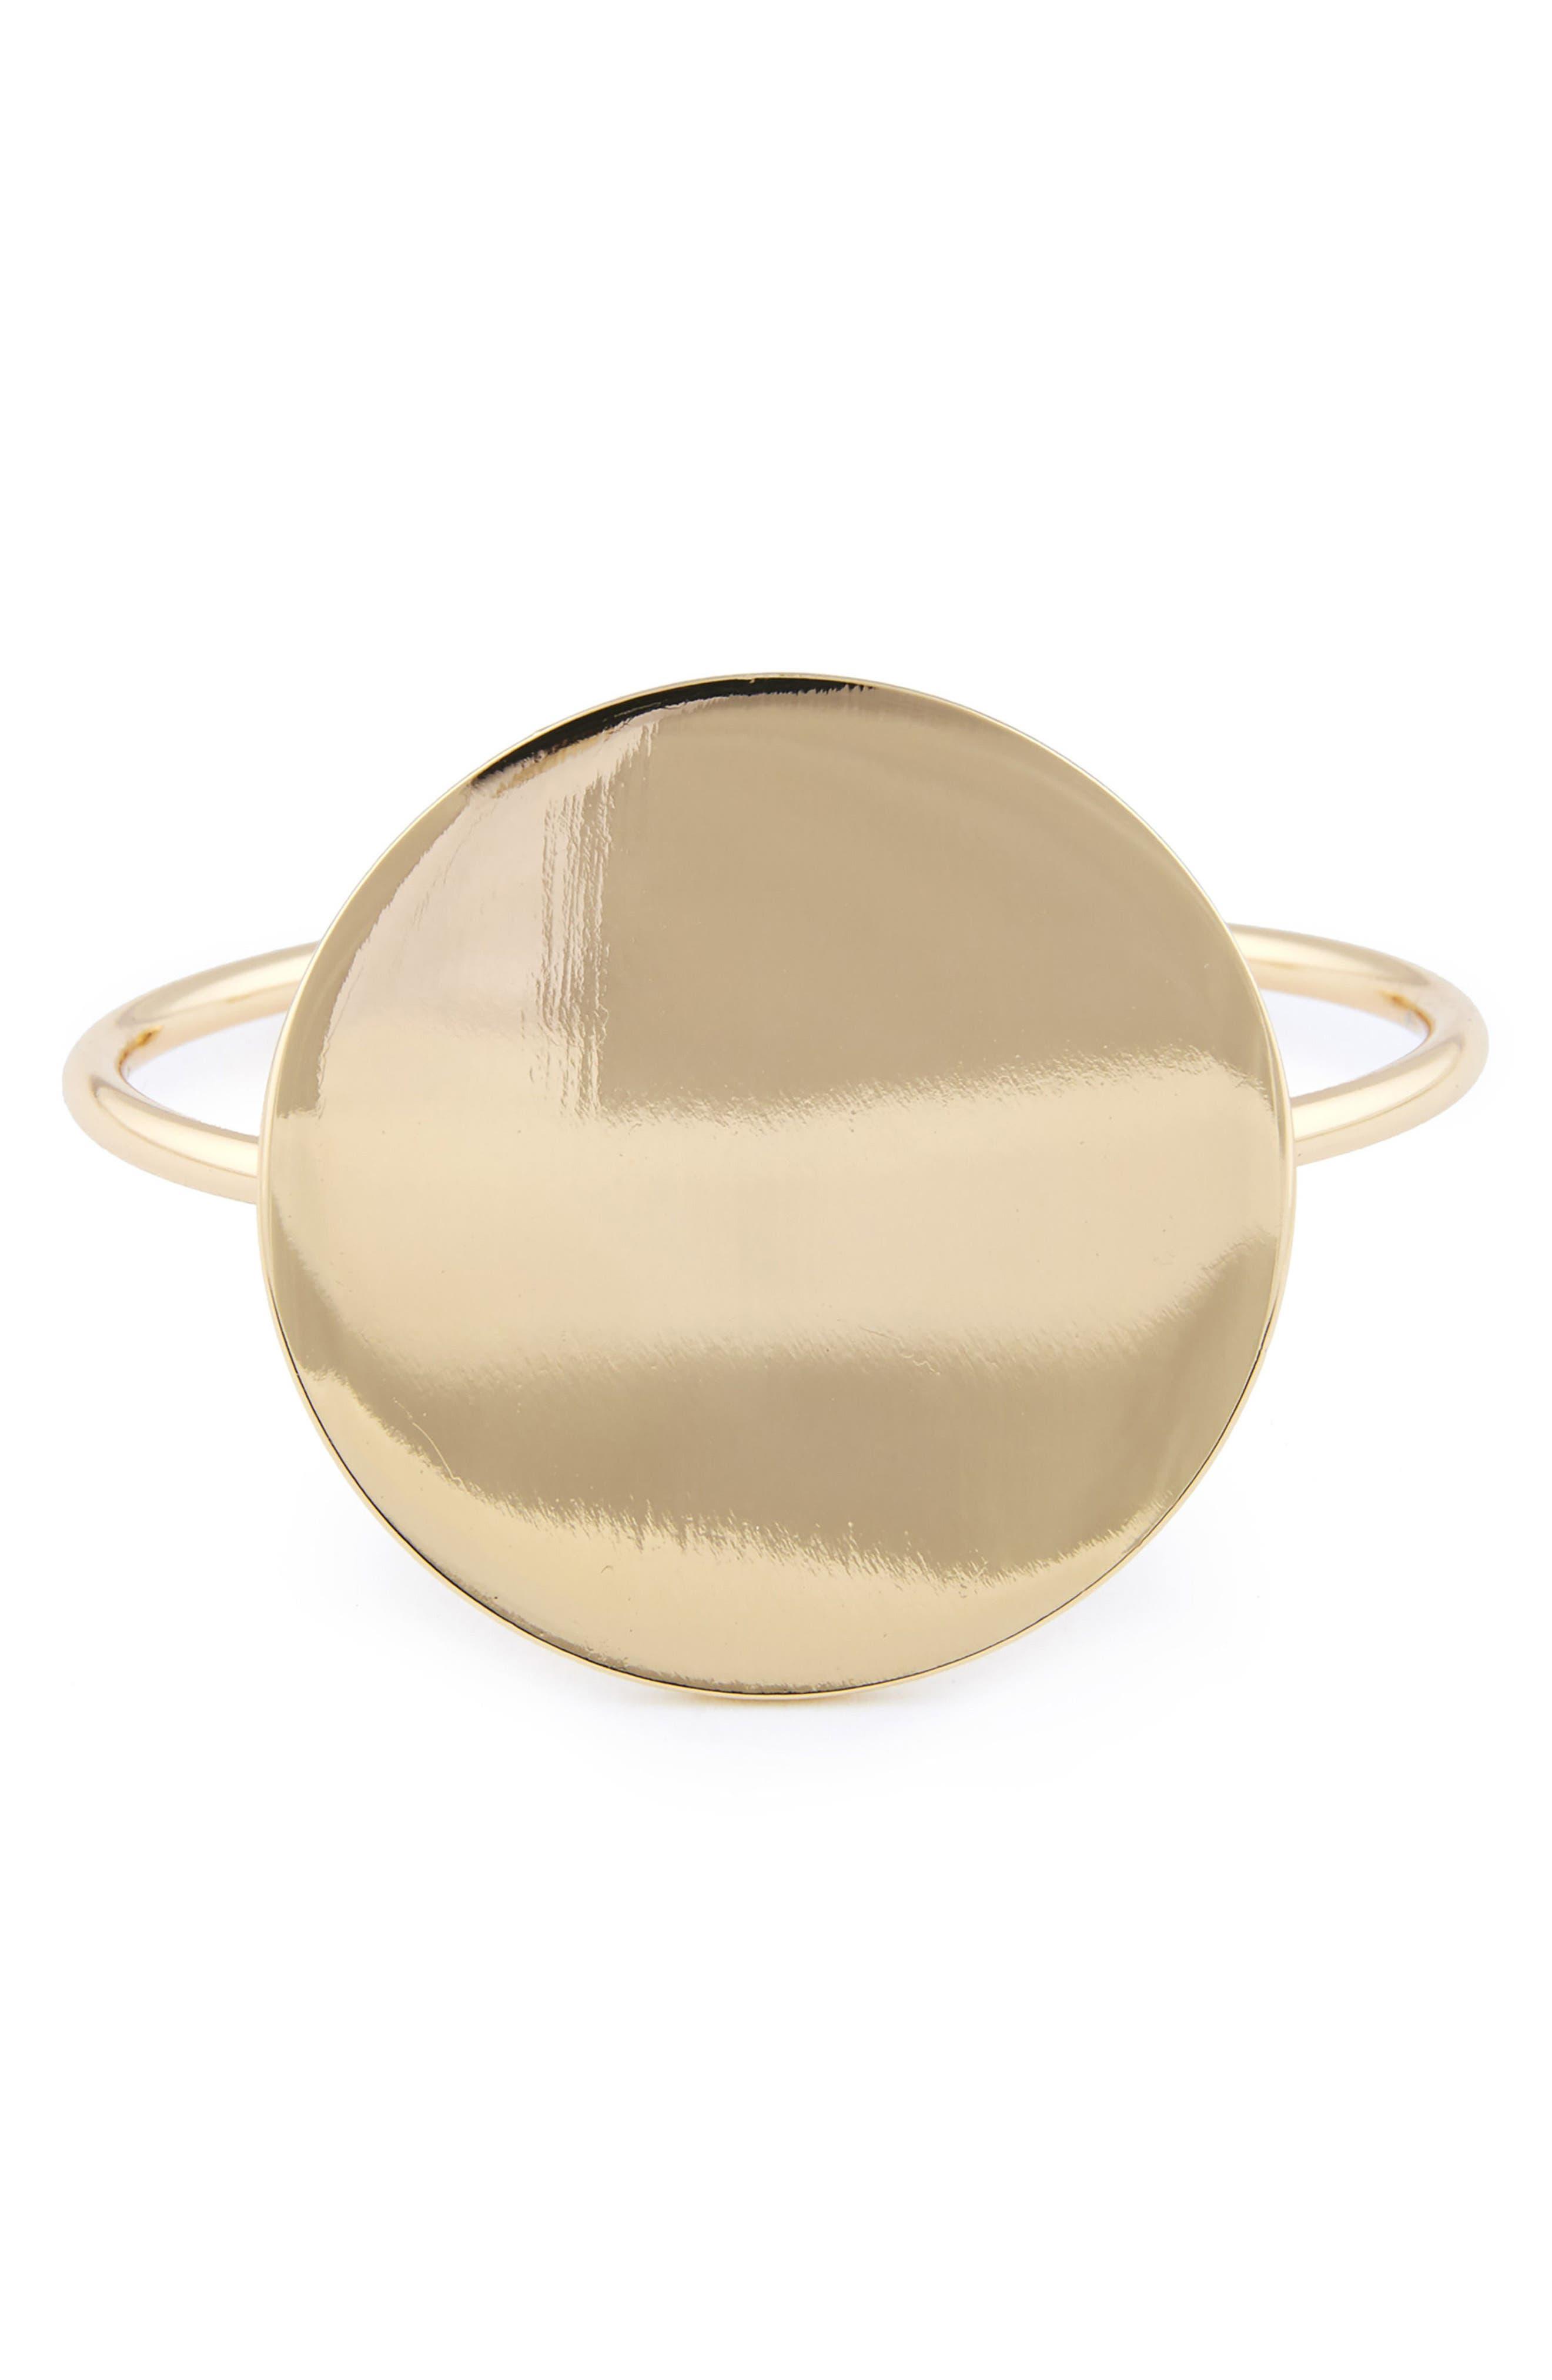 Mirrored Bangle,                             Main thumbnail 1, color,                             Gold